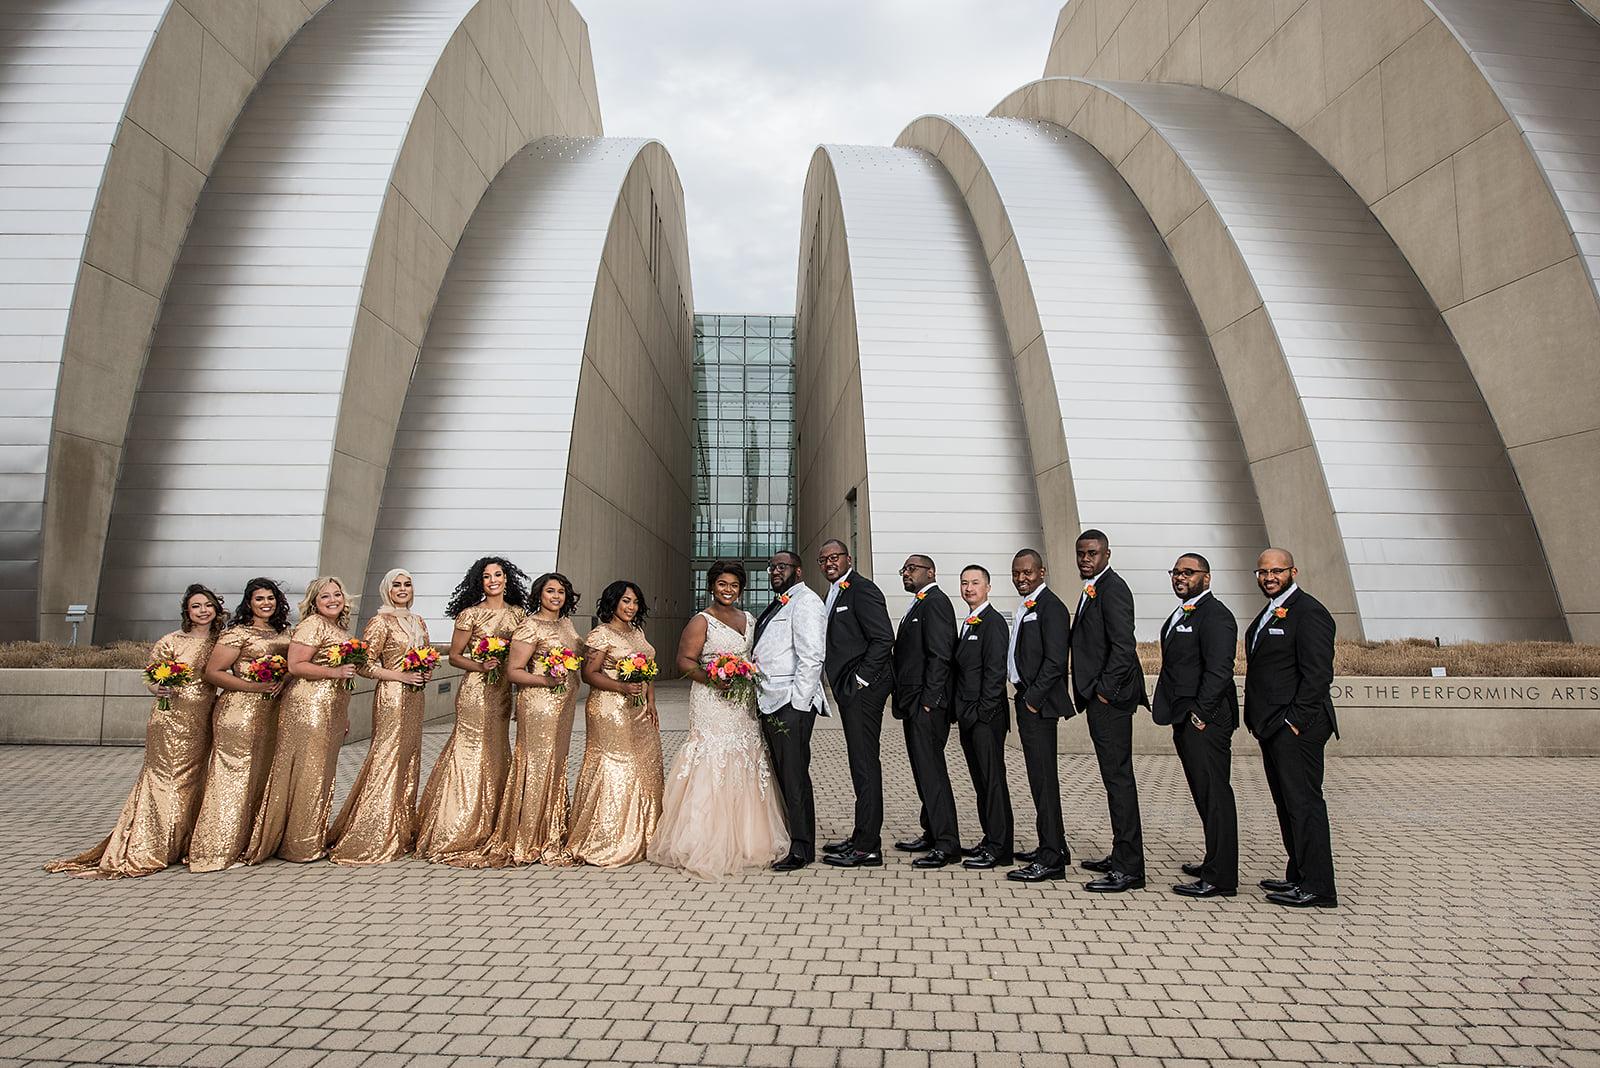 Bridal Party at Kauffman Center